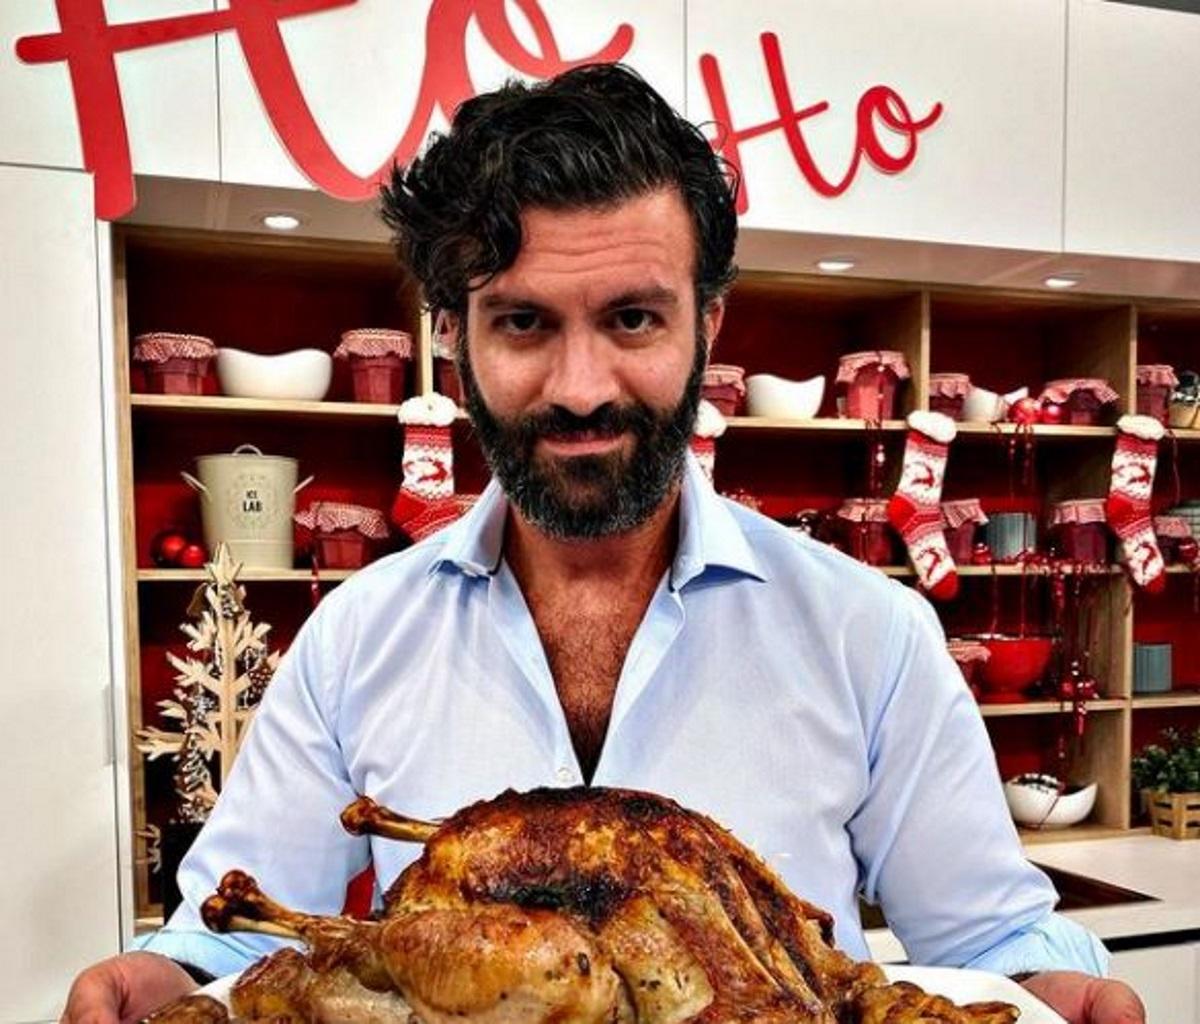 Γιώργος Παπακώστας: Στο νοσοκομείο ο γνωστός σεφ – Πήρε φωτιά το εστιατόριο του στη Γλυφάδα (pics)